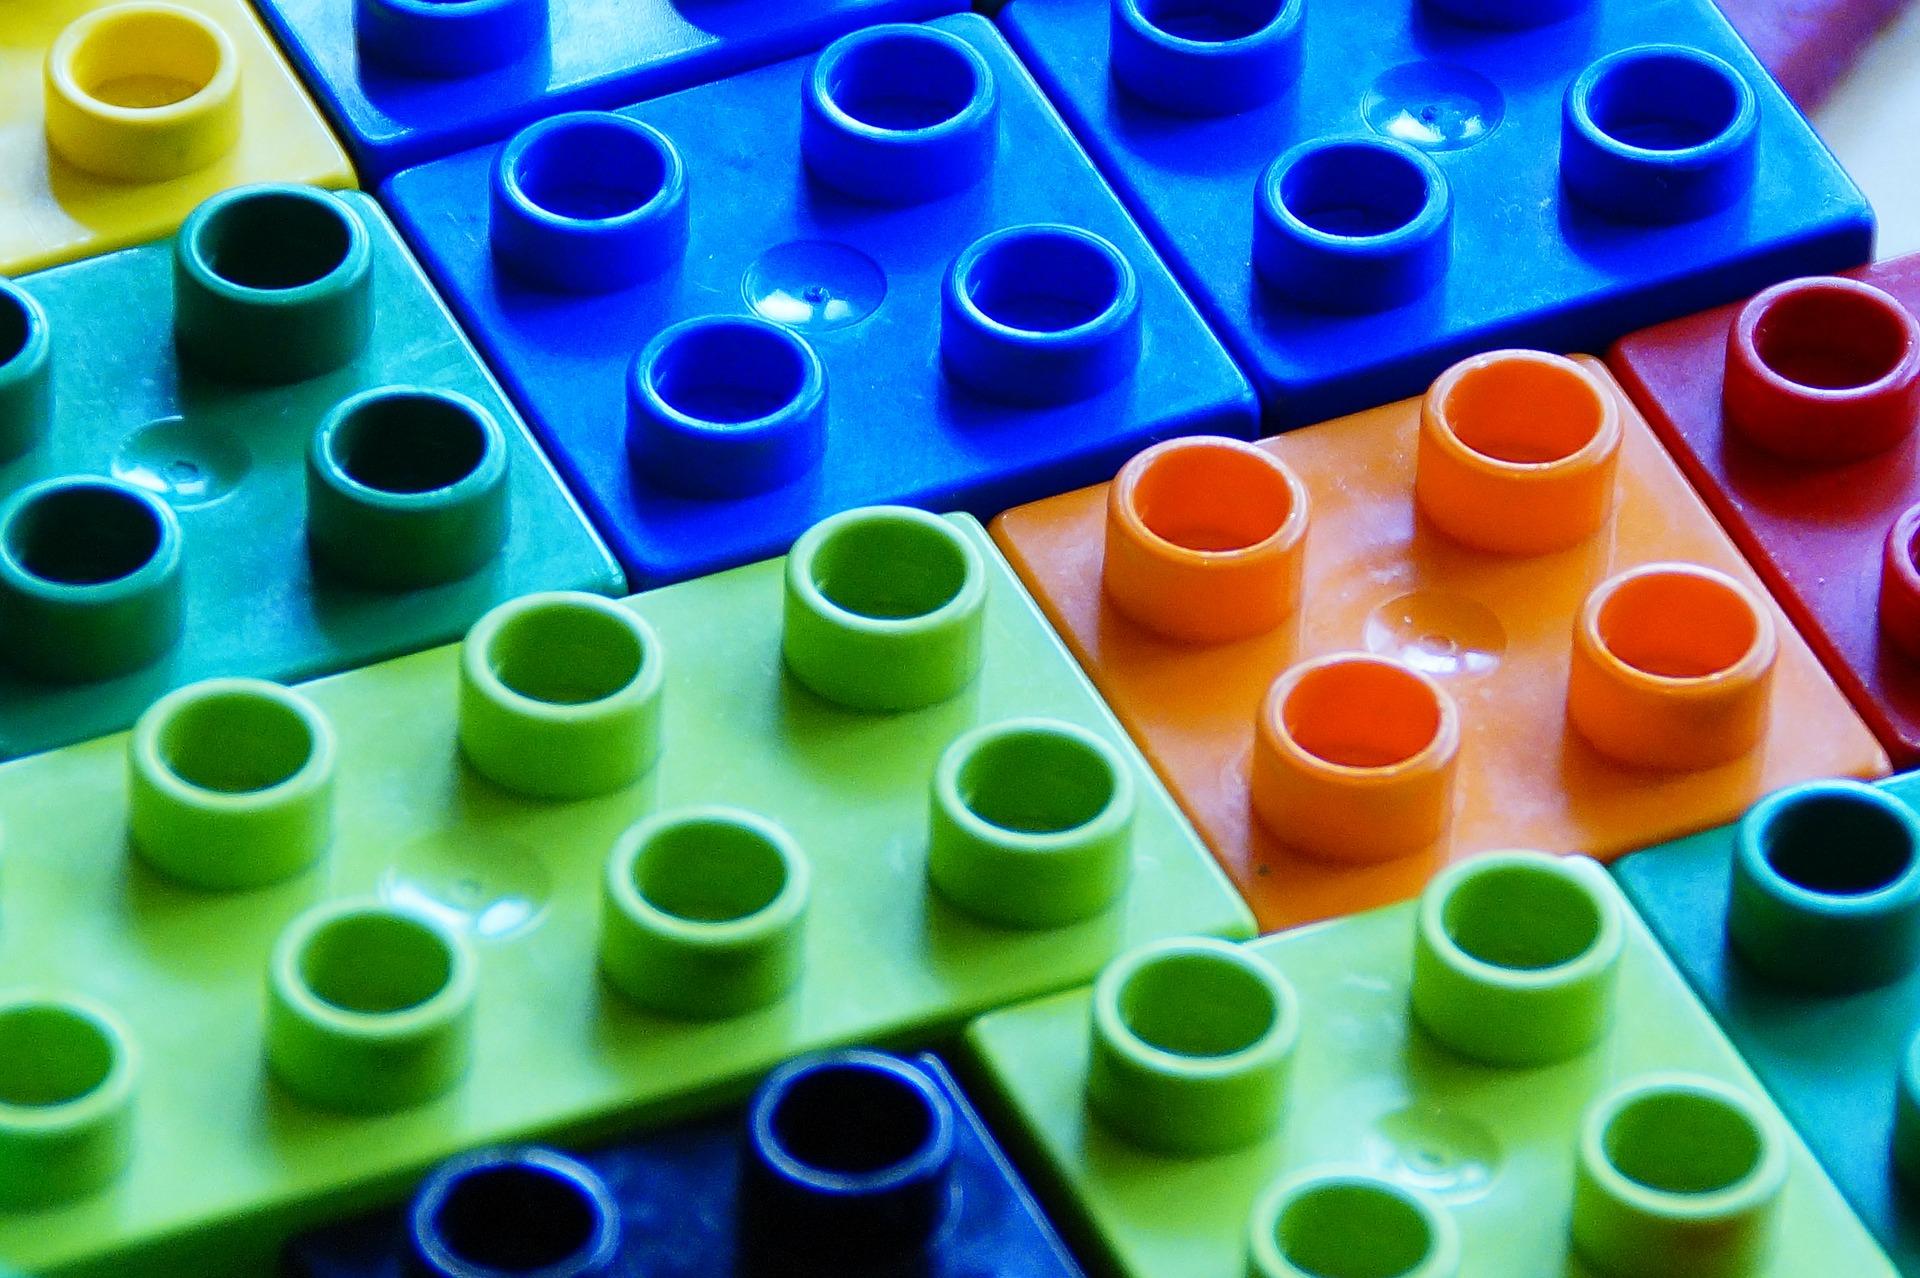 Lego разработает экологичную альтернативу пластмассовым деталям